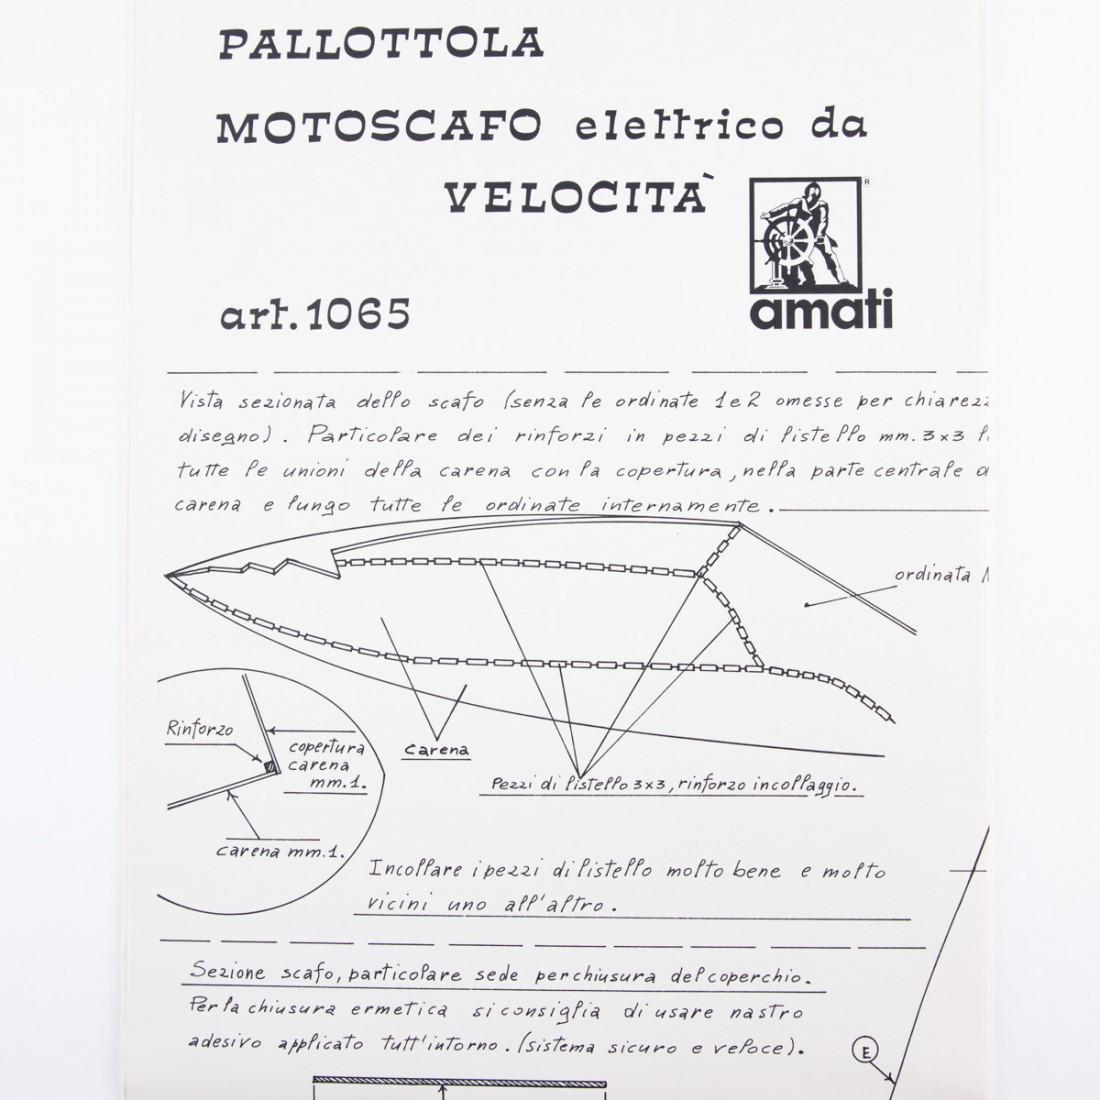 Plan Pallottola